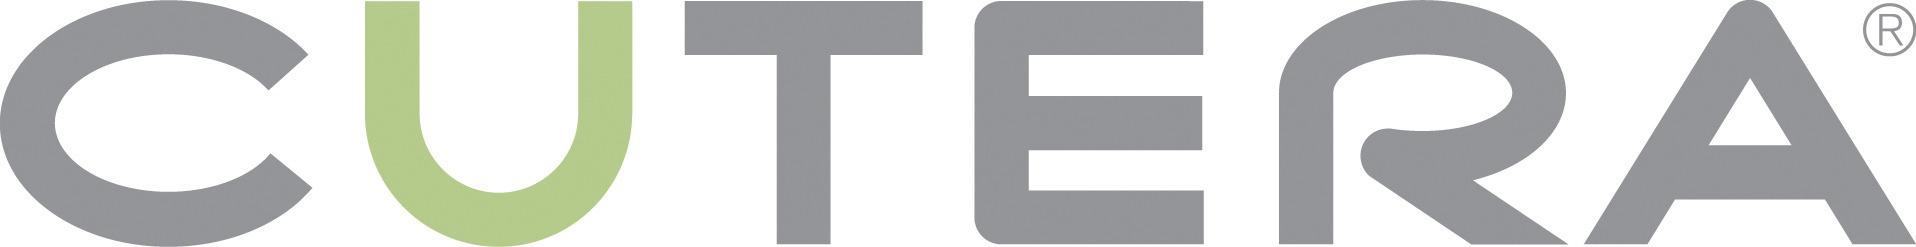 Botoks - Szablon Revitall